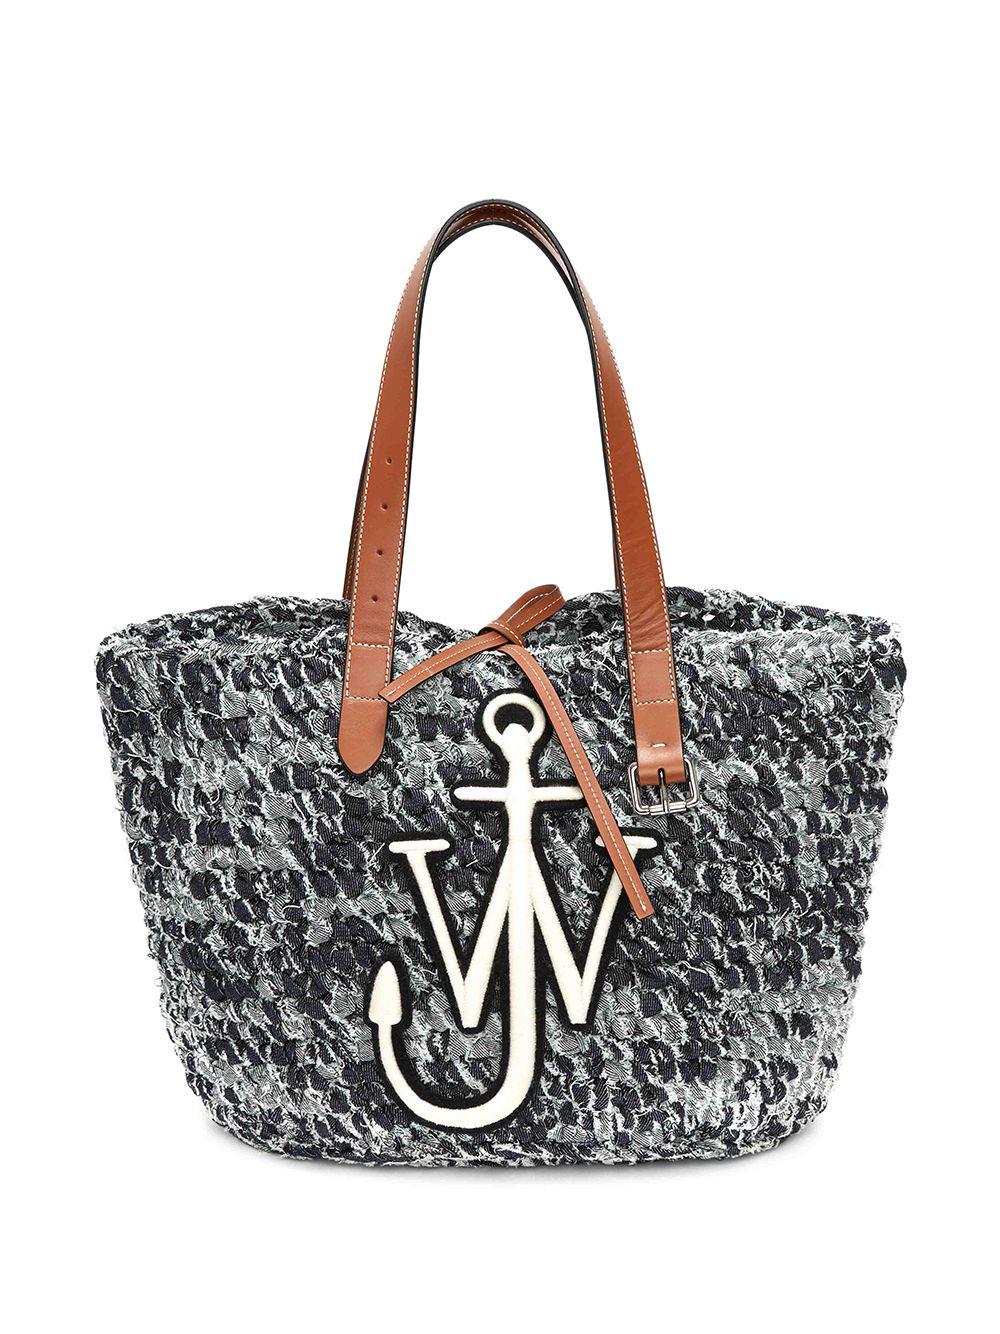 JW Anderson Handtasche mit Logo - Blau